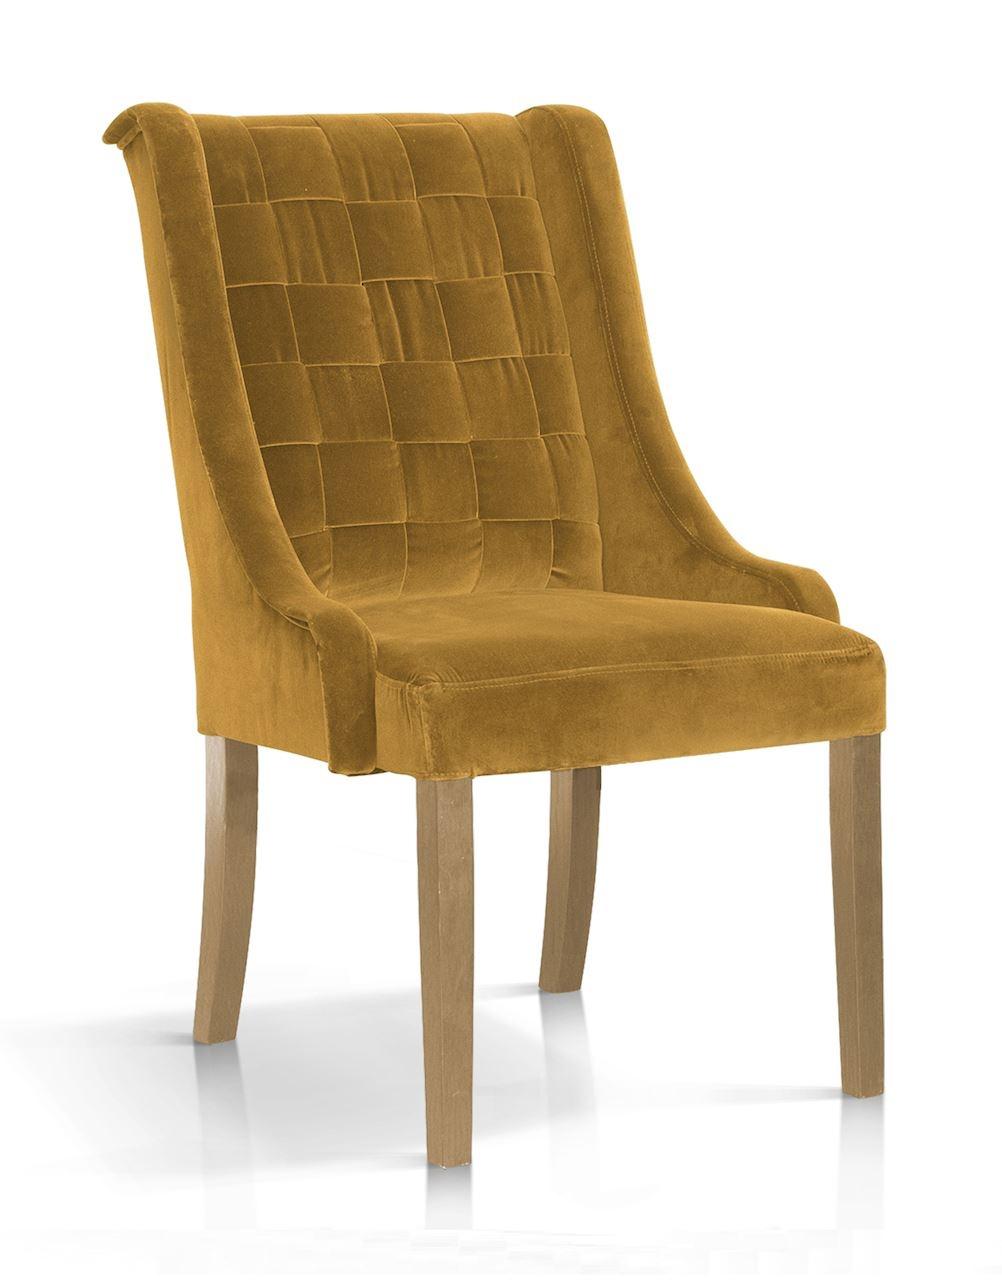 Scaun tapitat cu stofa, cu picioare din lemn Prince Galben / Stejar, l55xA70xH105 cm